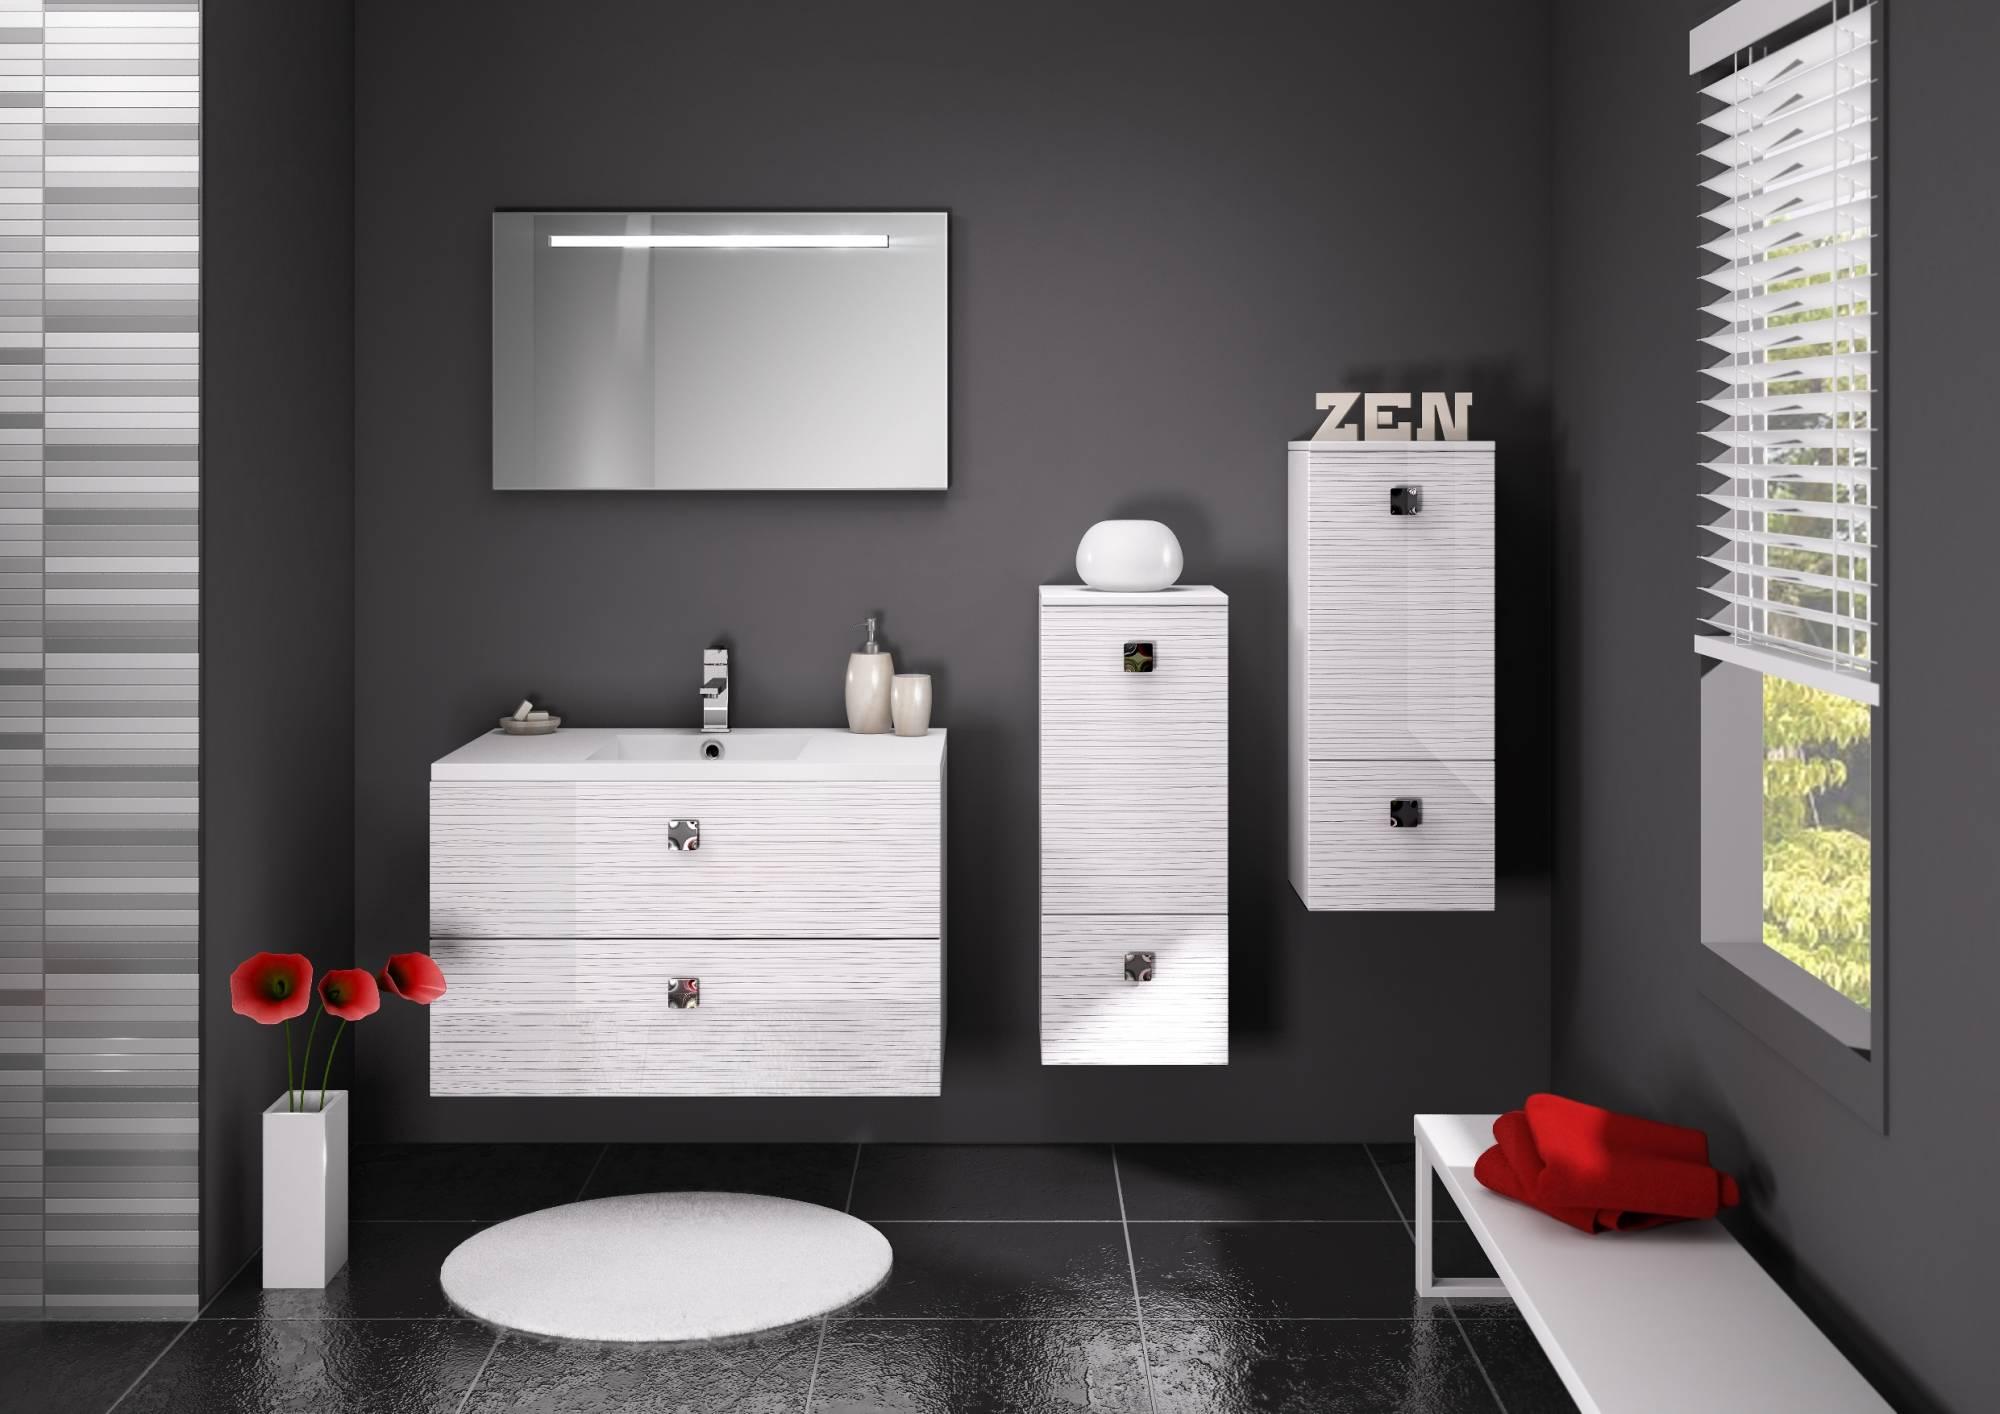 Vente de meuble suspendu pour salle de bains loft eguilles for Meuble cuisine pour salle de bain